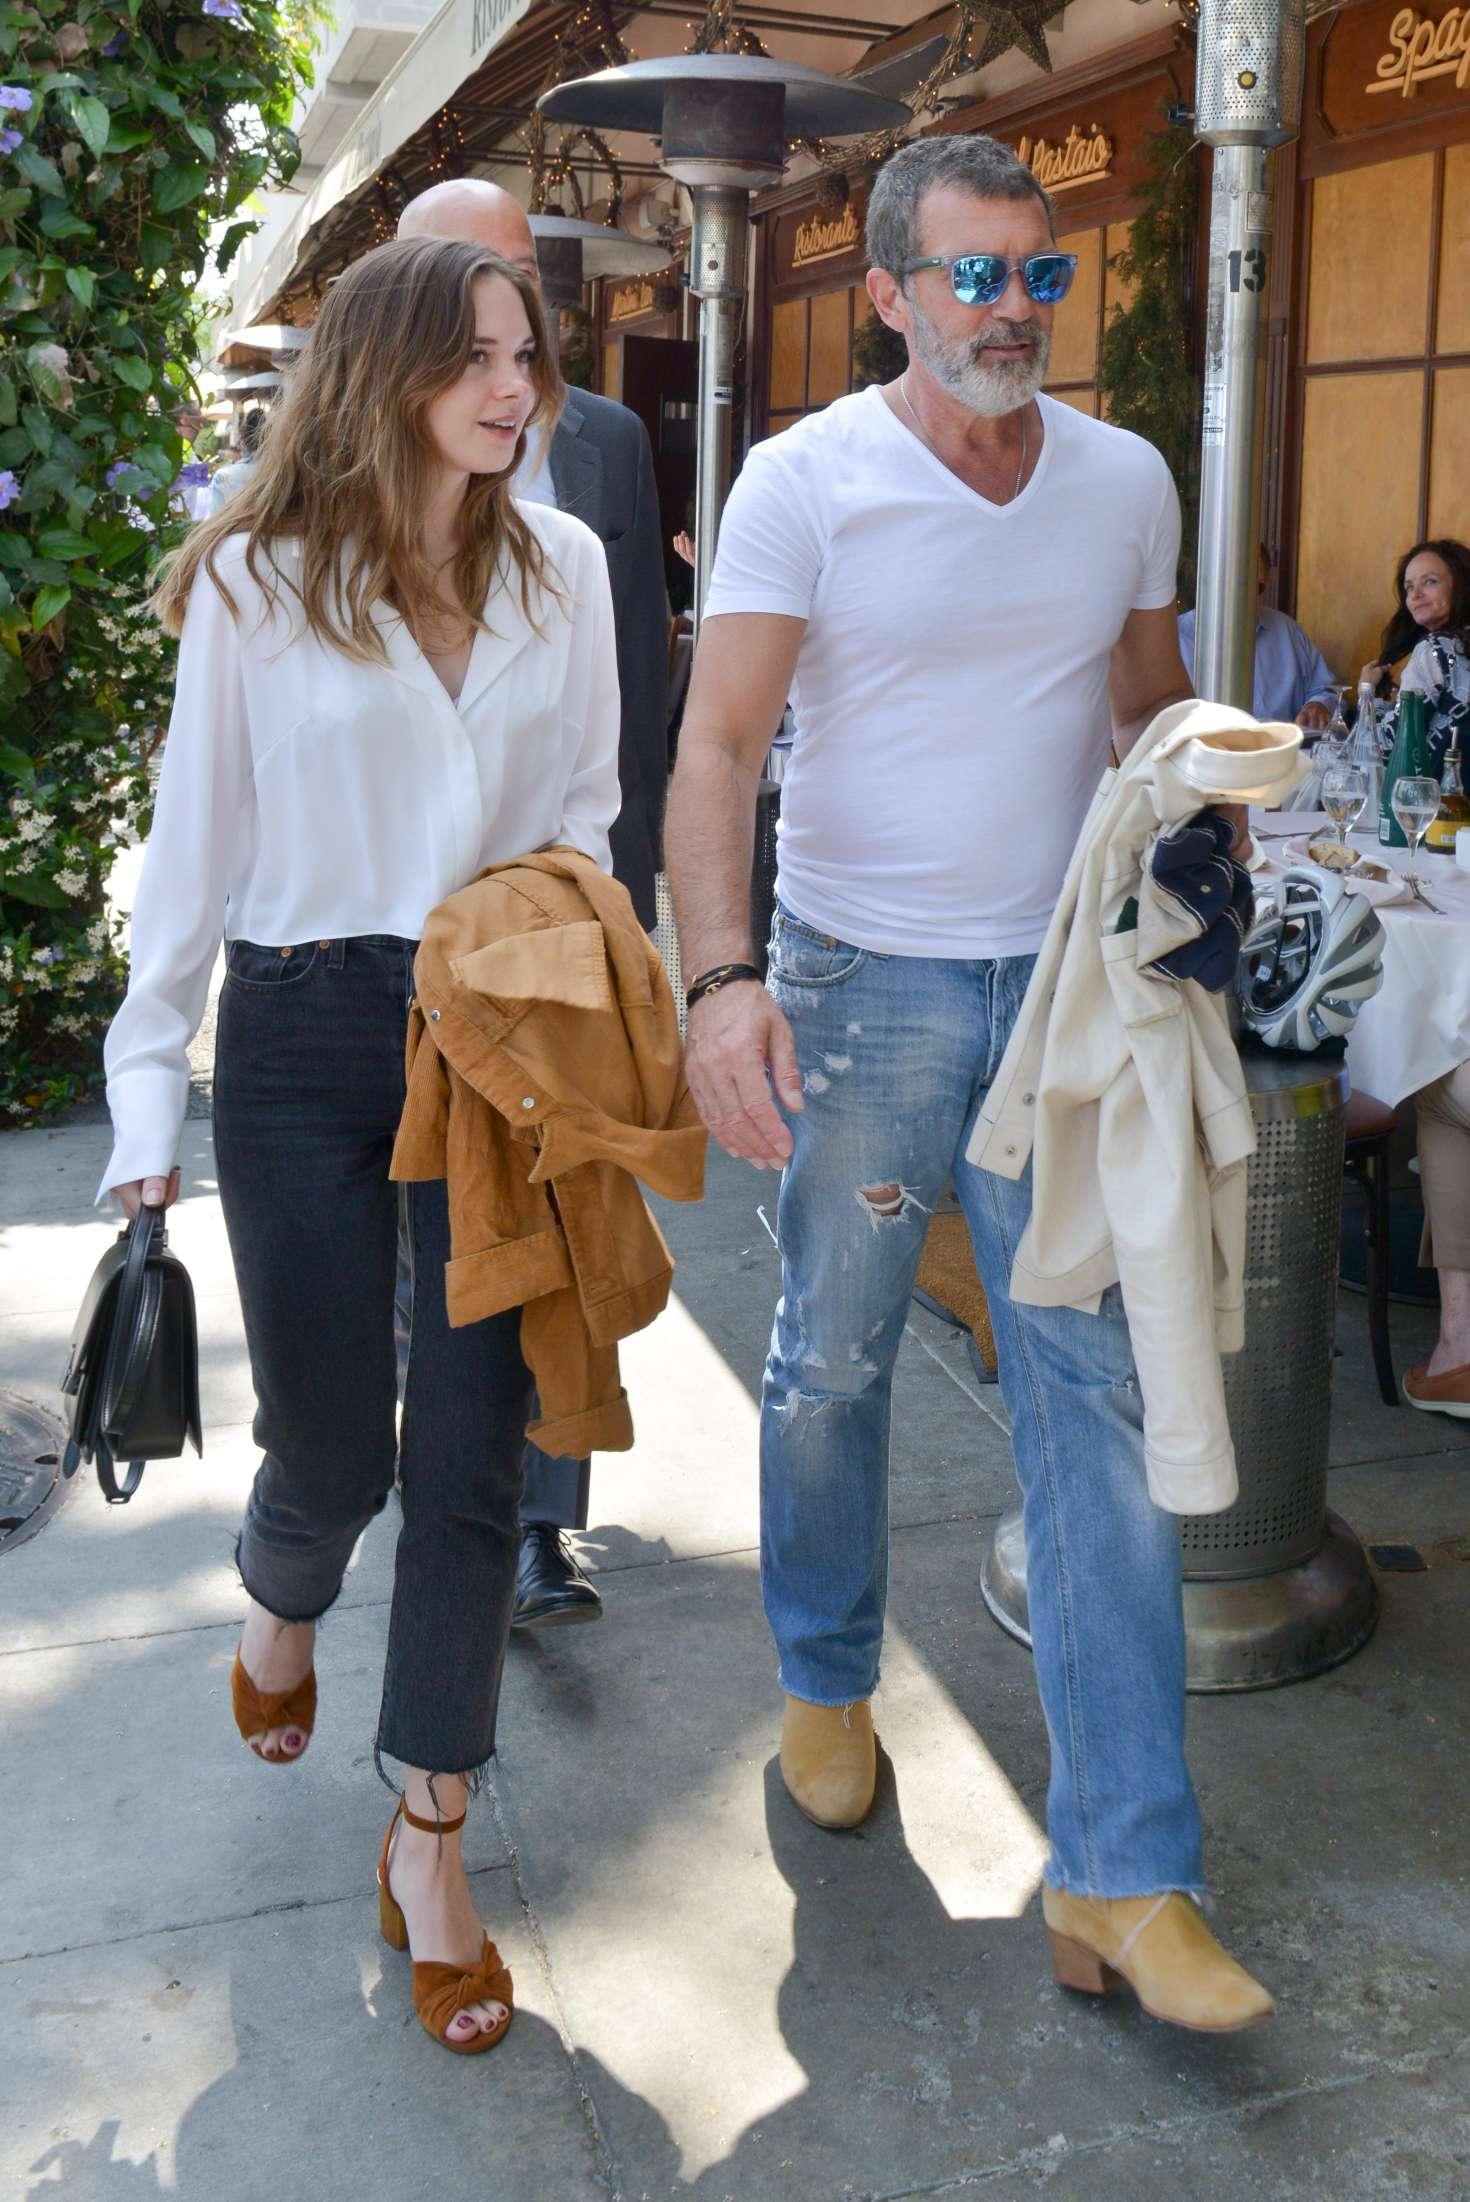 Stella Banderas Has Lunch With Her Father Antonio Banderas